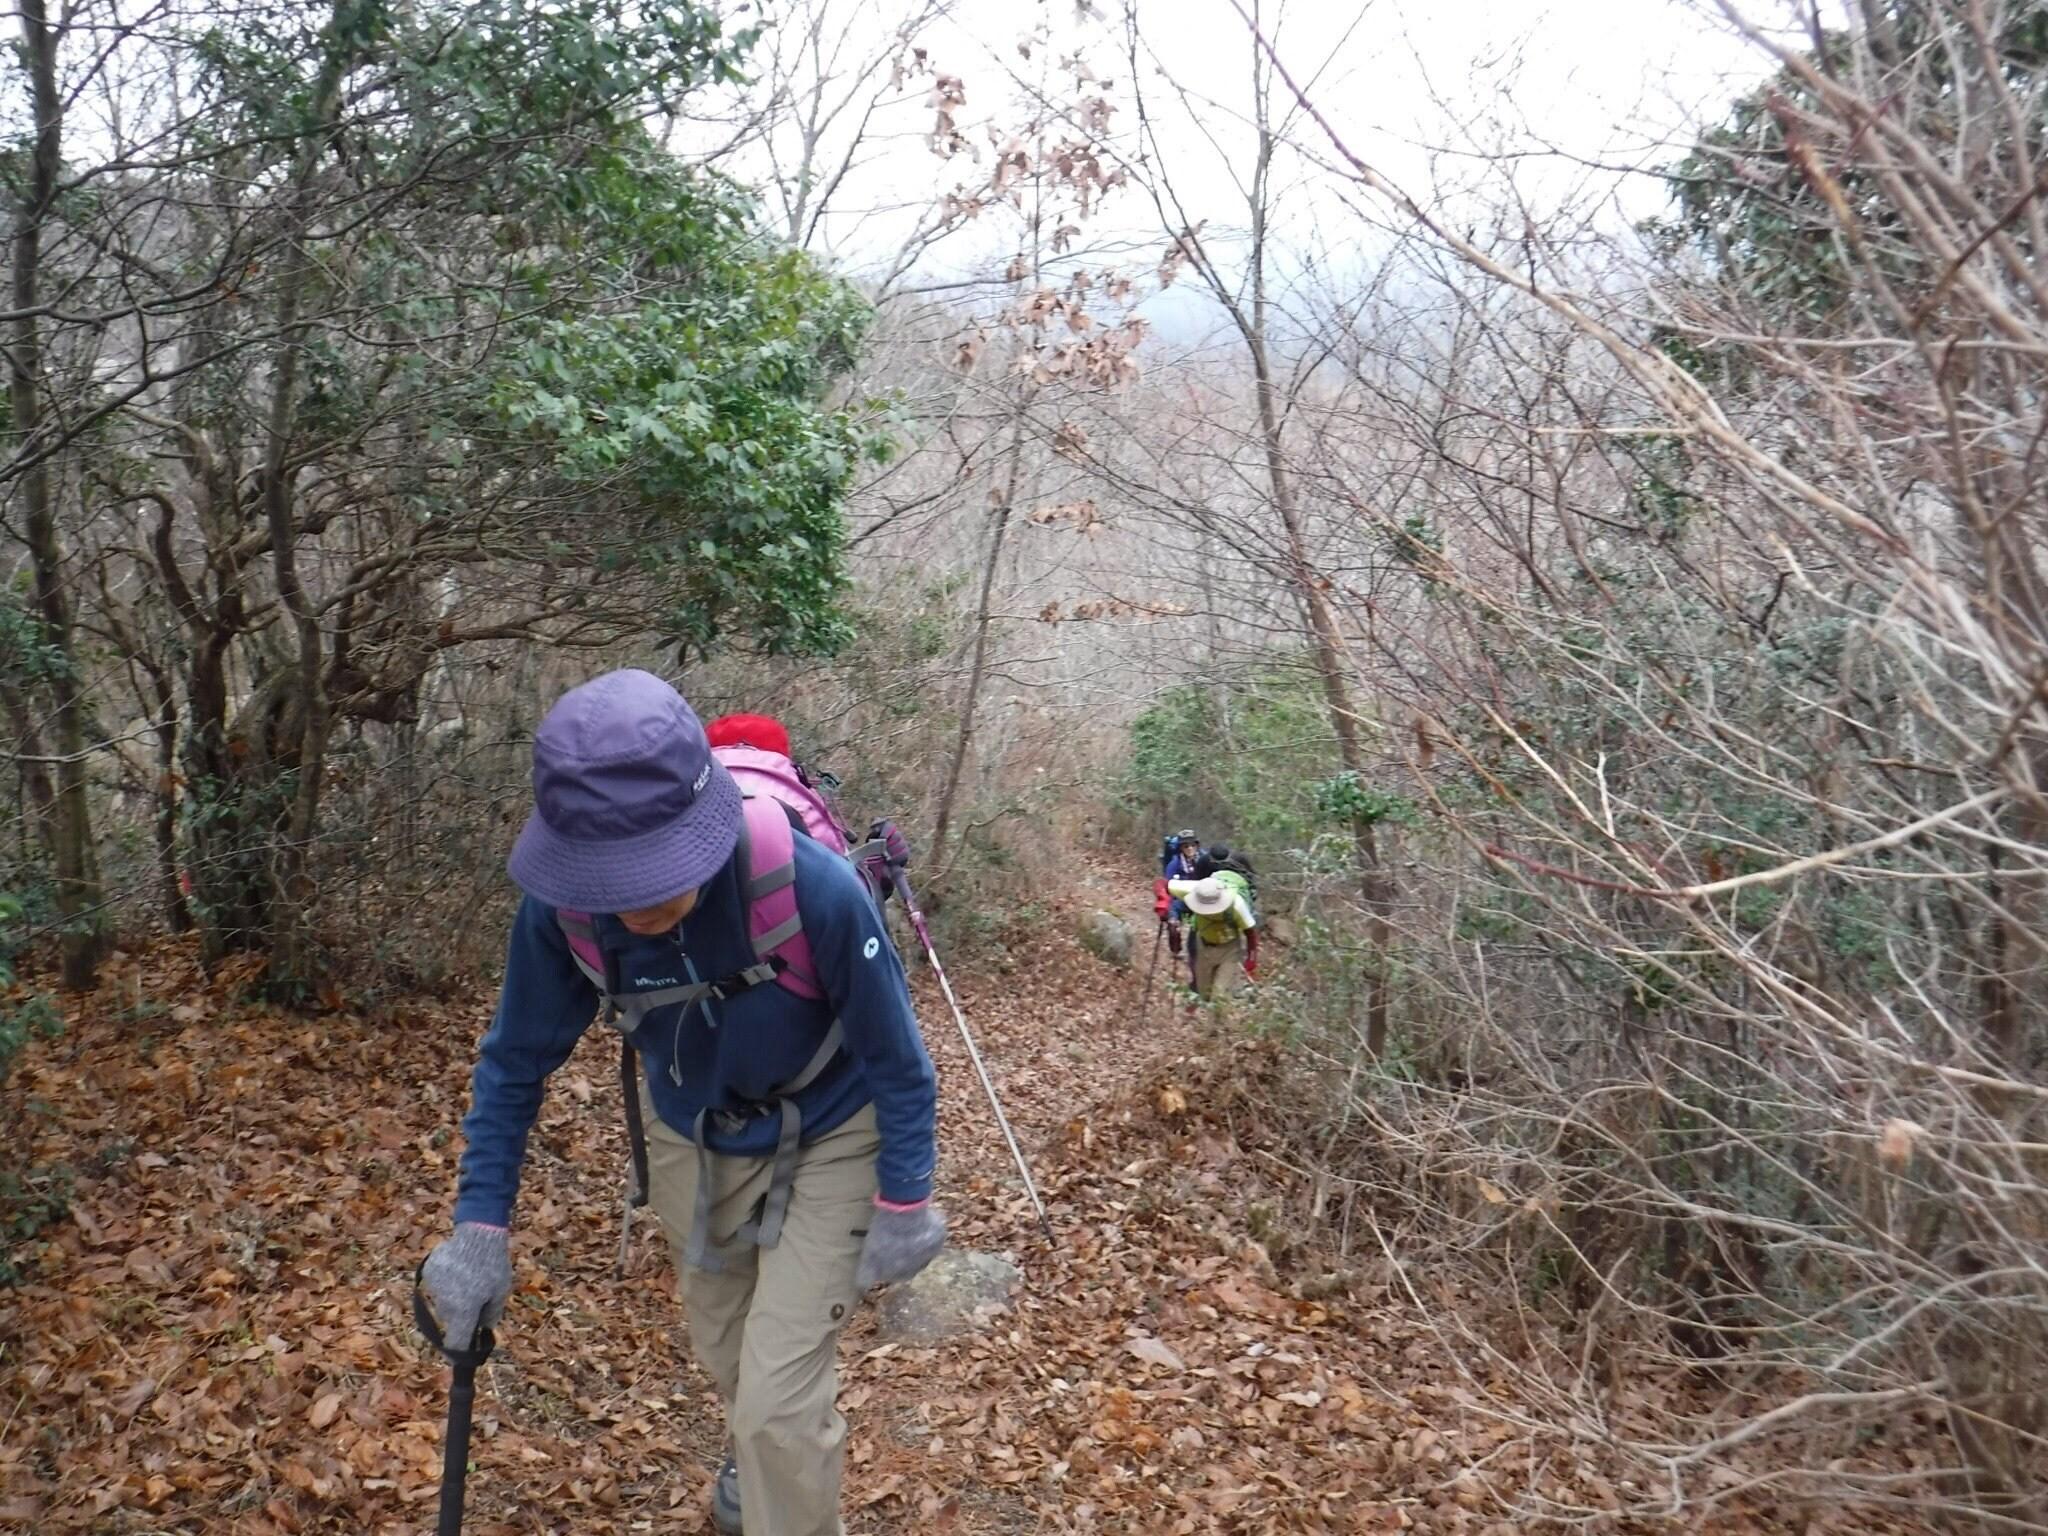 広島里山横あるき「巨石の山」天神嶽5月23日日曜日のイメージその5